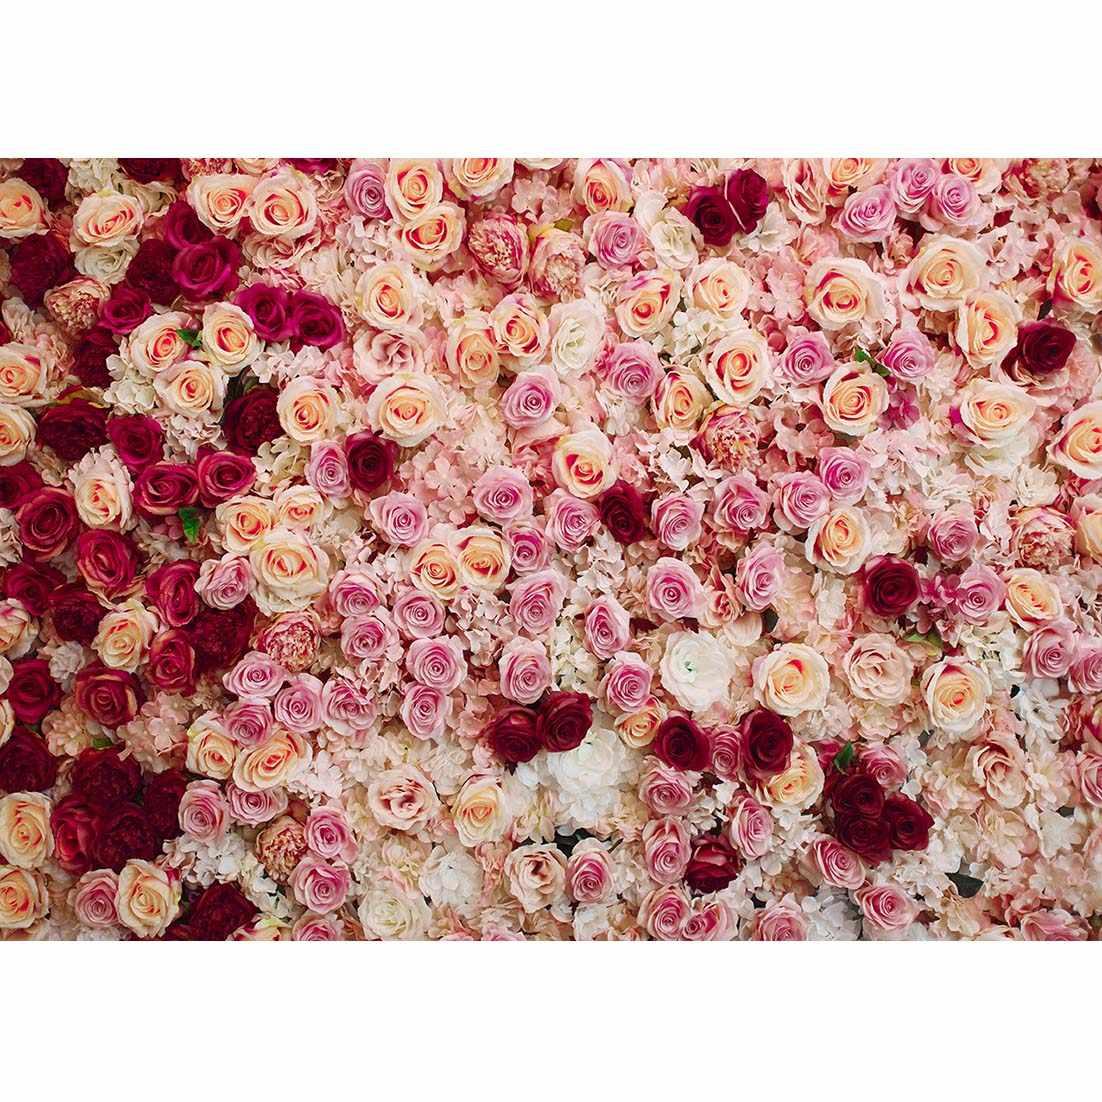 Fiore di Rosa Fiori di Cerimonia Nuziale Della Parete Foto di Sfondo Photophone Capretto Sfondo Fotografia Puntelli In Studio Puntelli Sparare Per Il Bambino Doccia Bambino